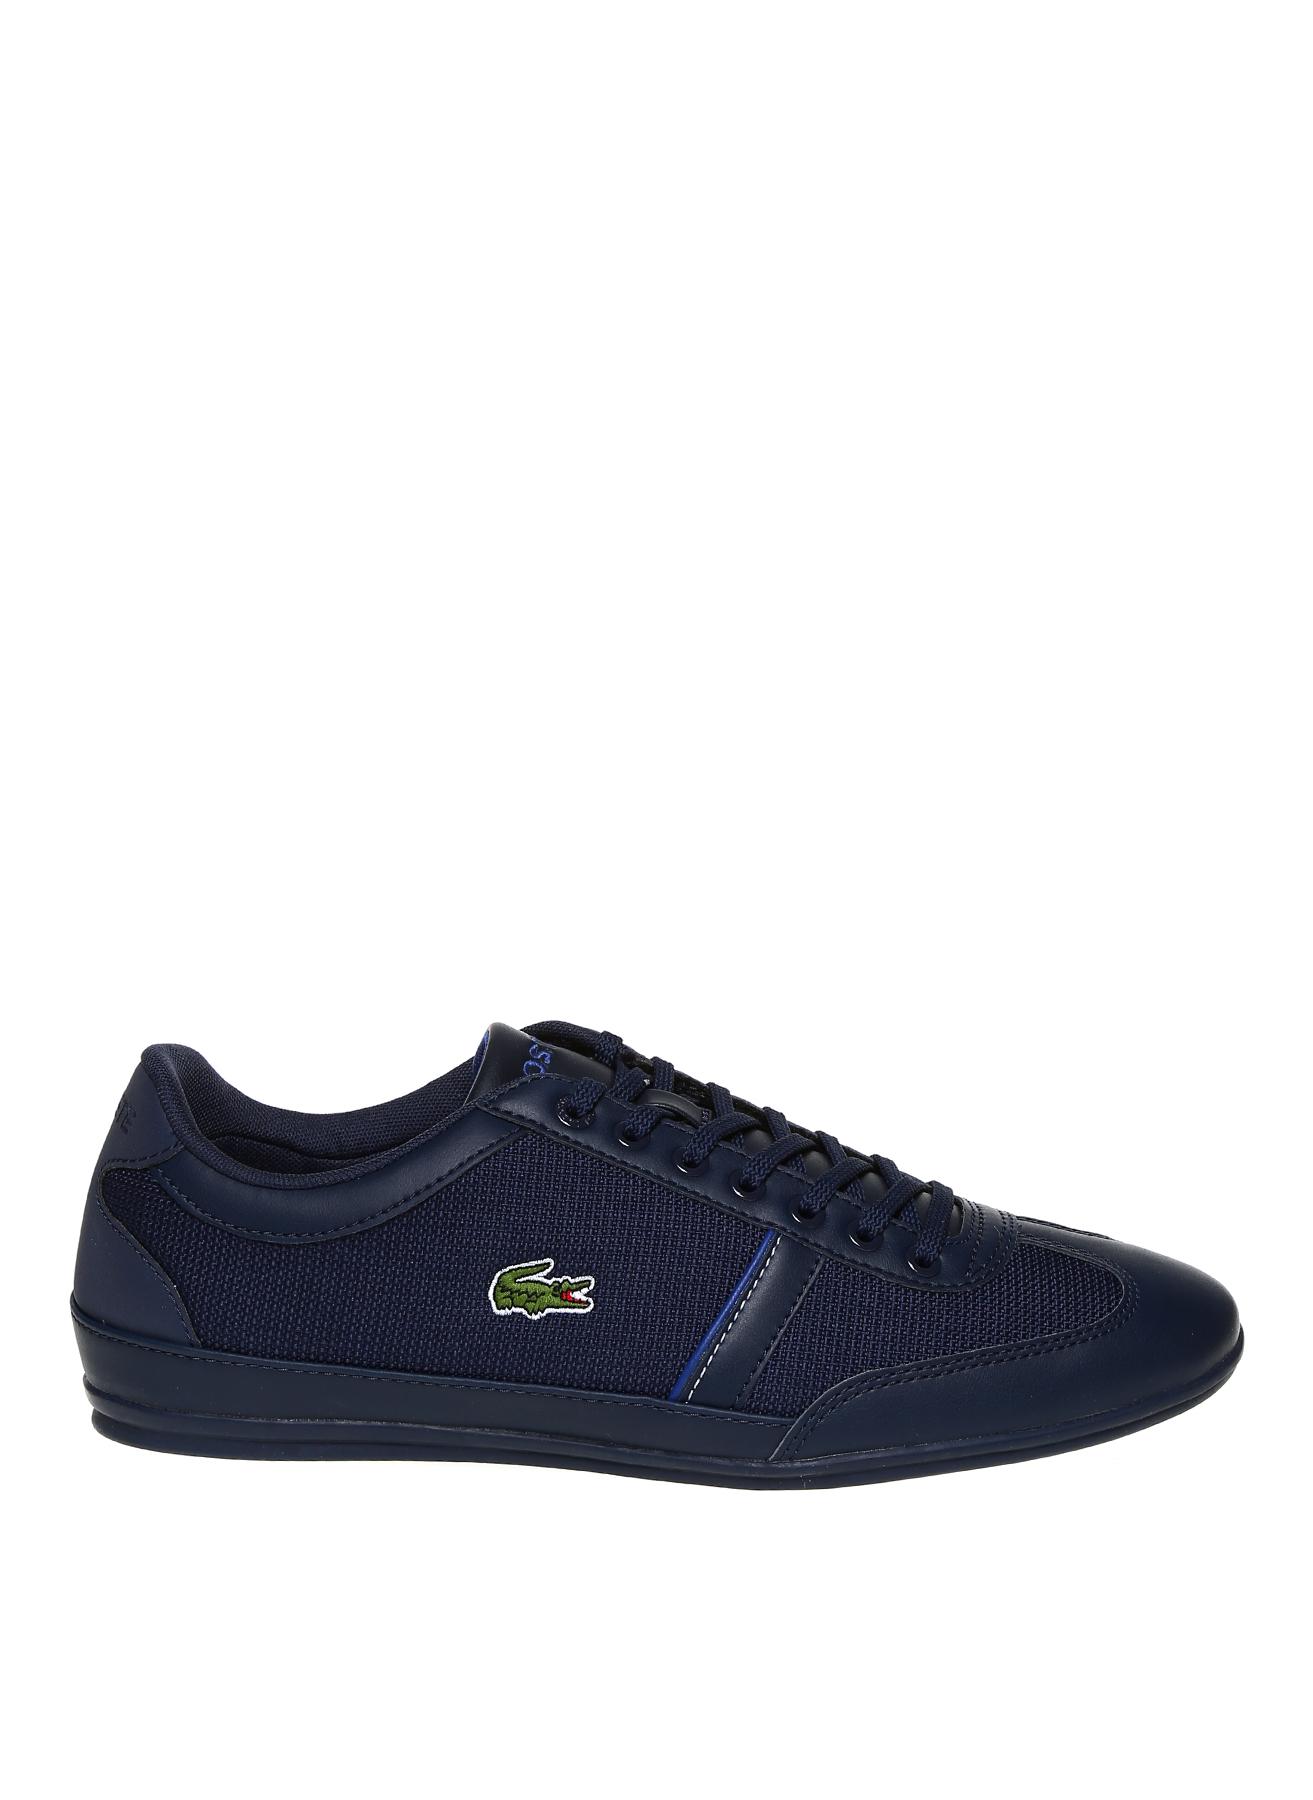 Lacoste Misano Lacivert Lifestyle Ayakkabı 44 5002314246006 Ürün Resmi